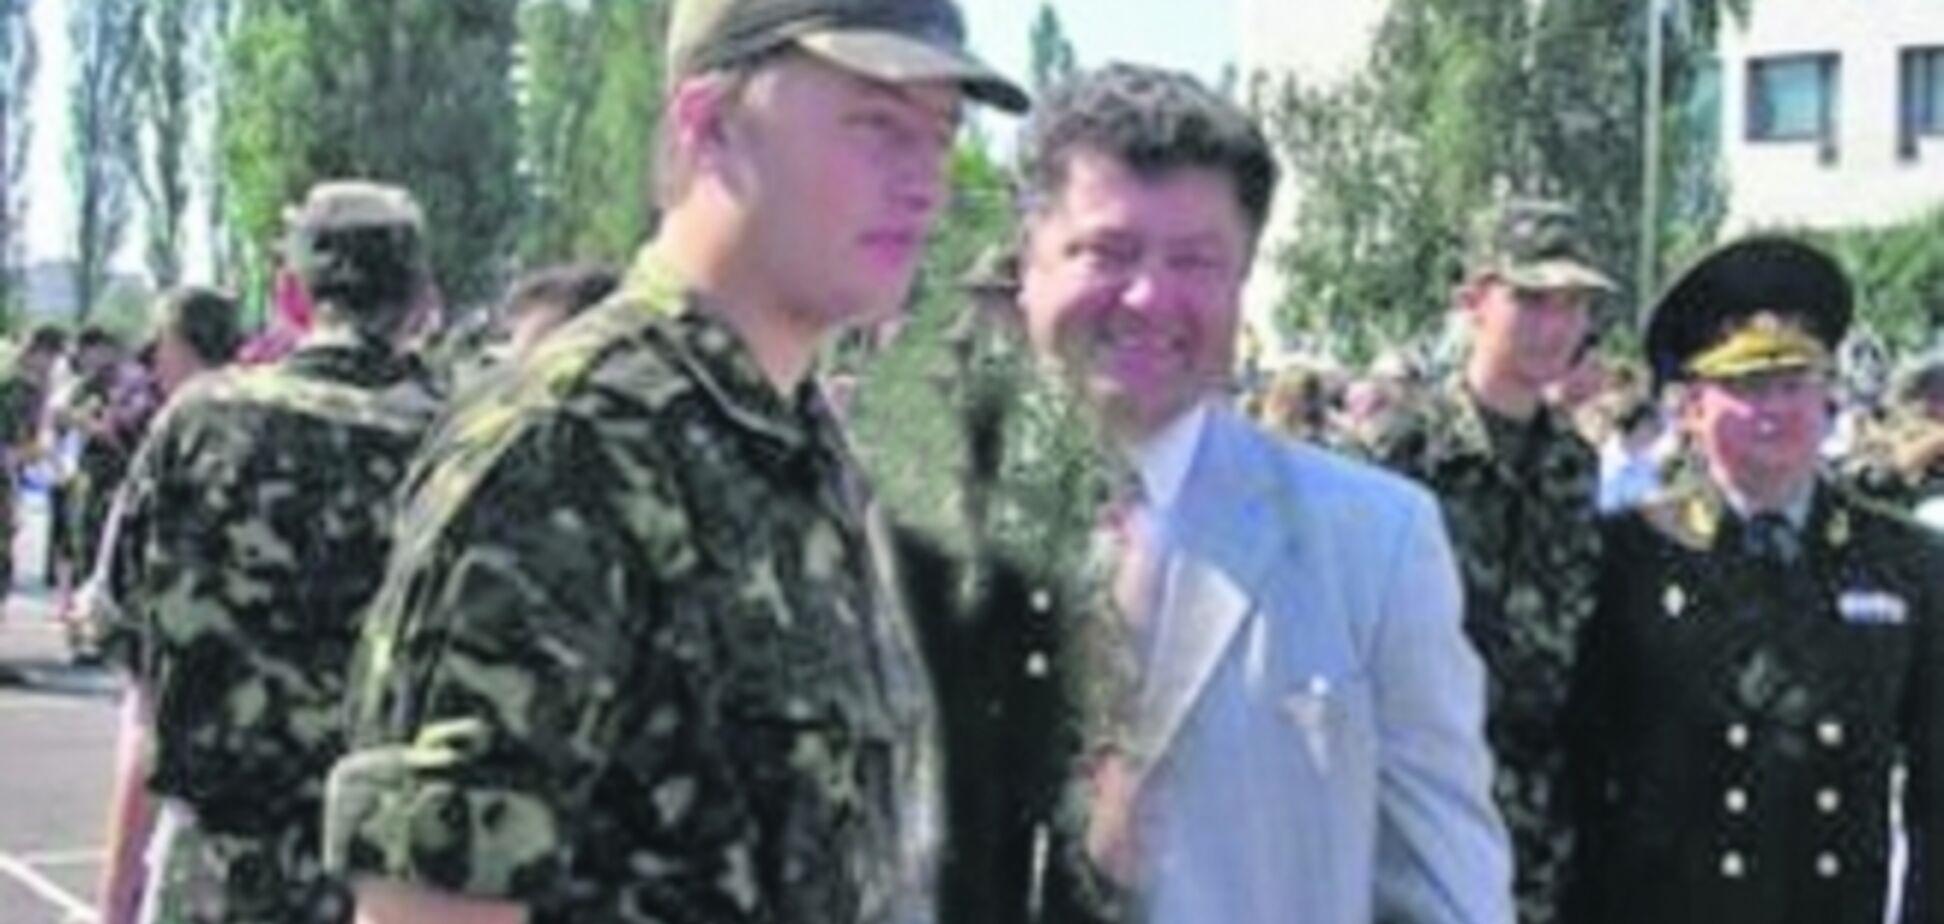 Син Порошенка воює на Донбасі під чужим прізвищем